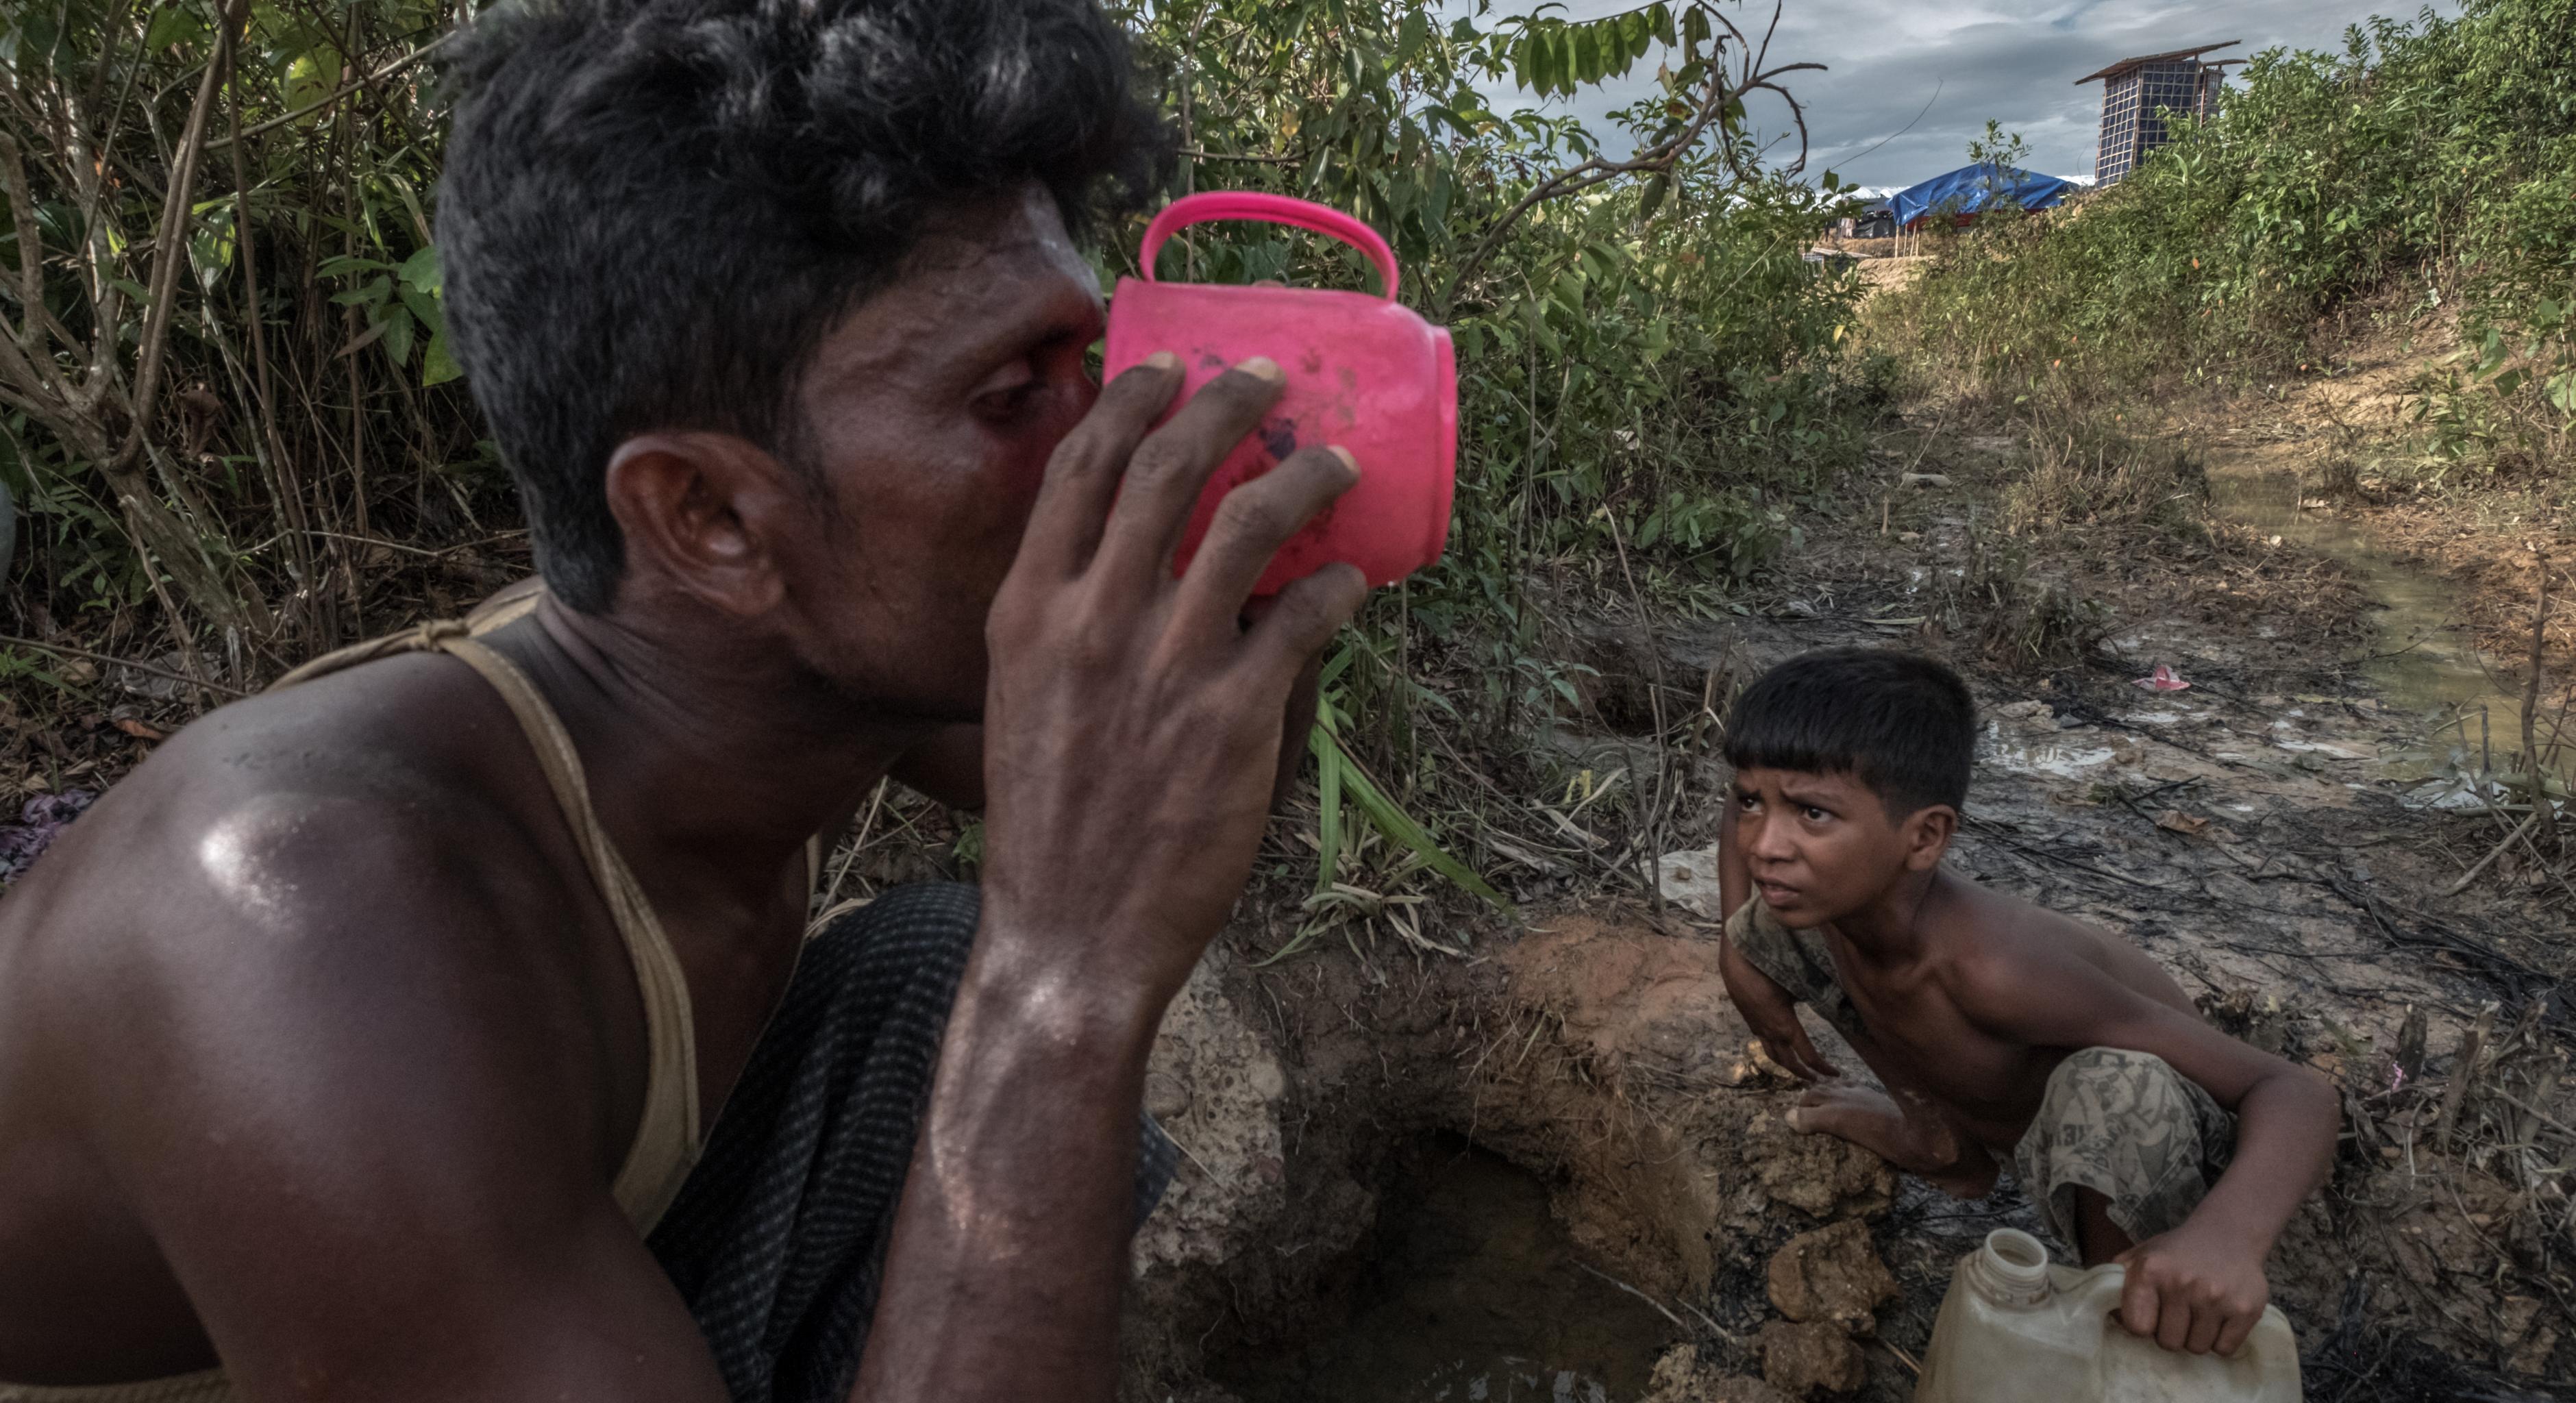 Ein Mann und ein Junge trinken Wasser aus einem schmutzigen Wasserloch in Bangladesch